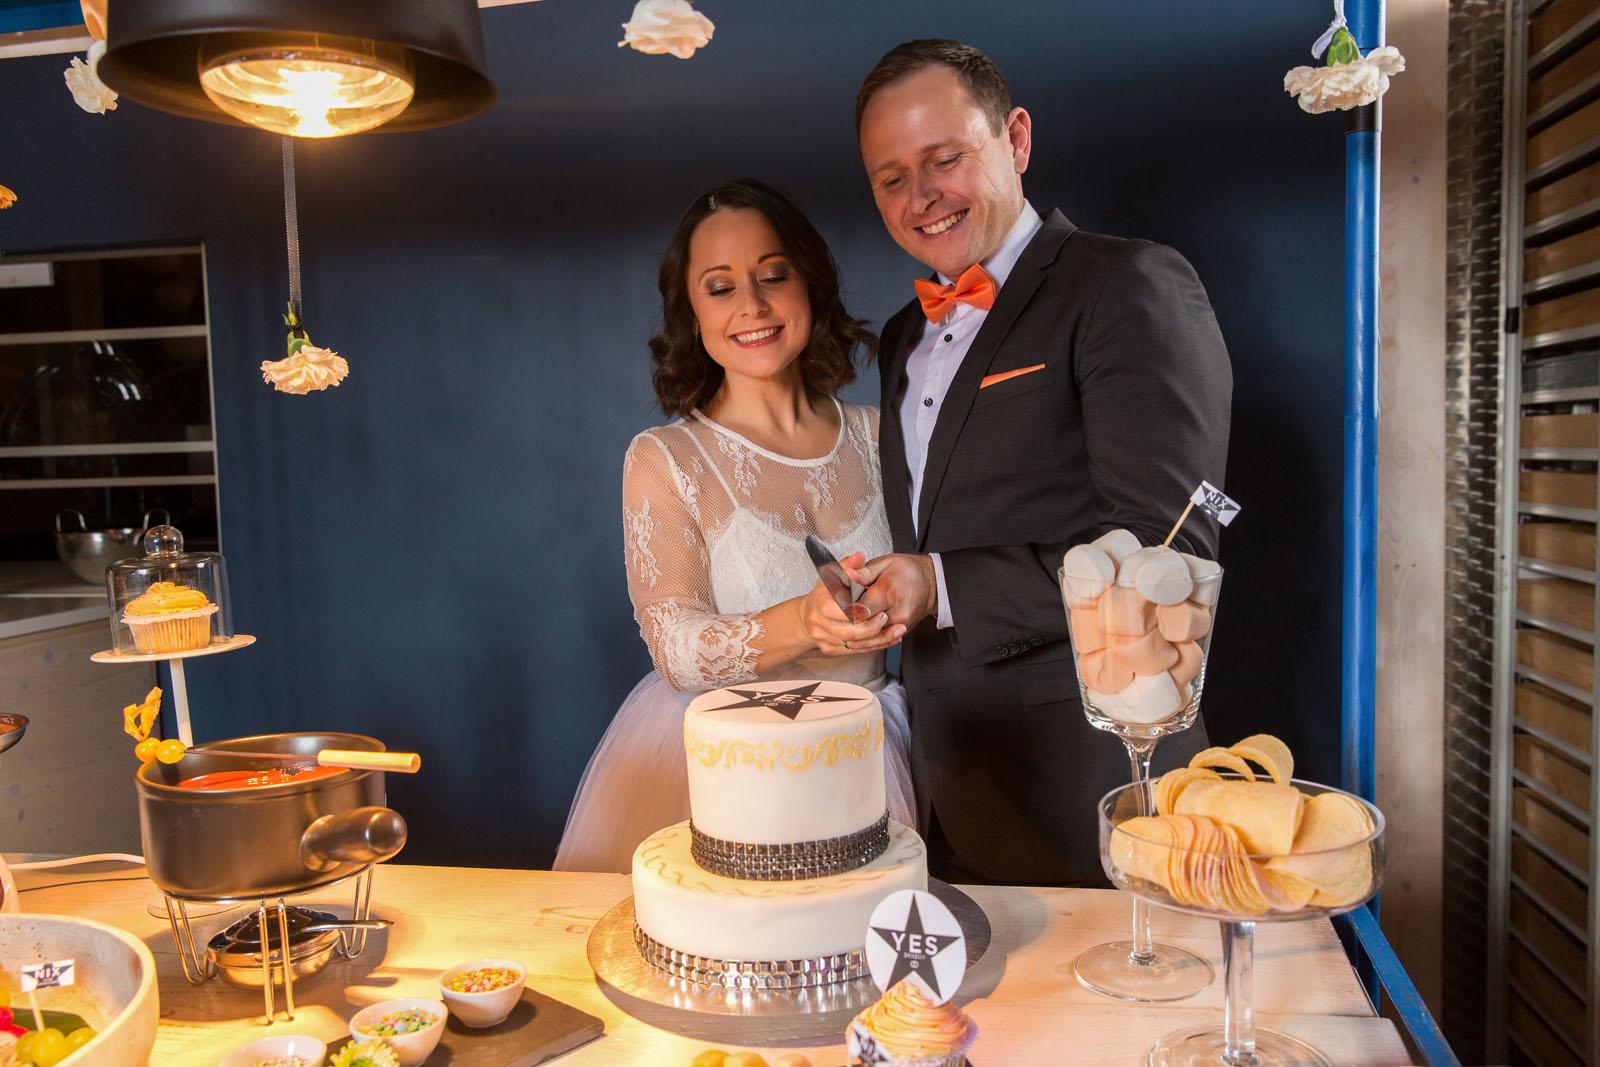 Hochzeitslogo-auf-Hochzeitstorte-Brautpaar